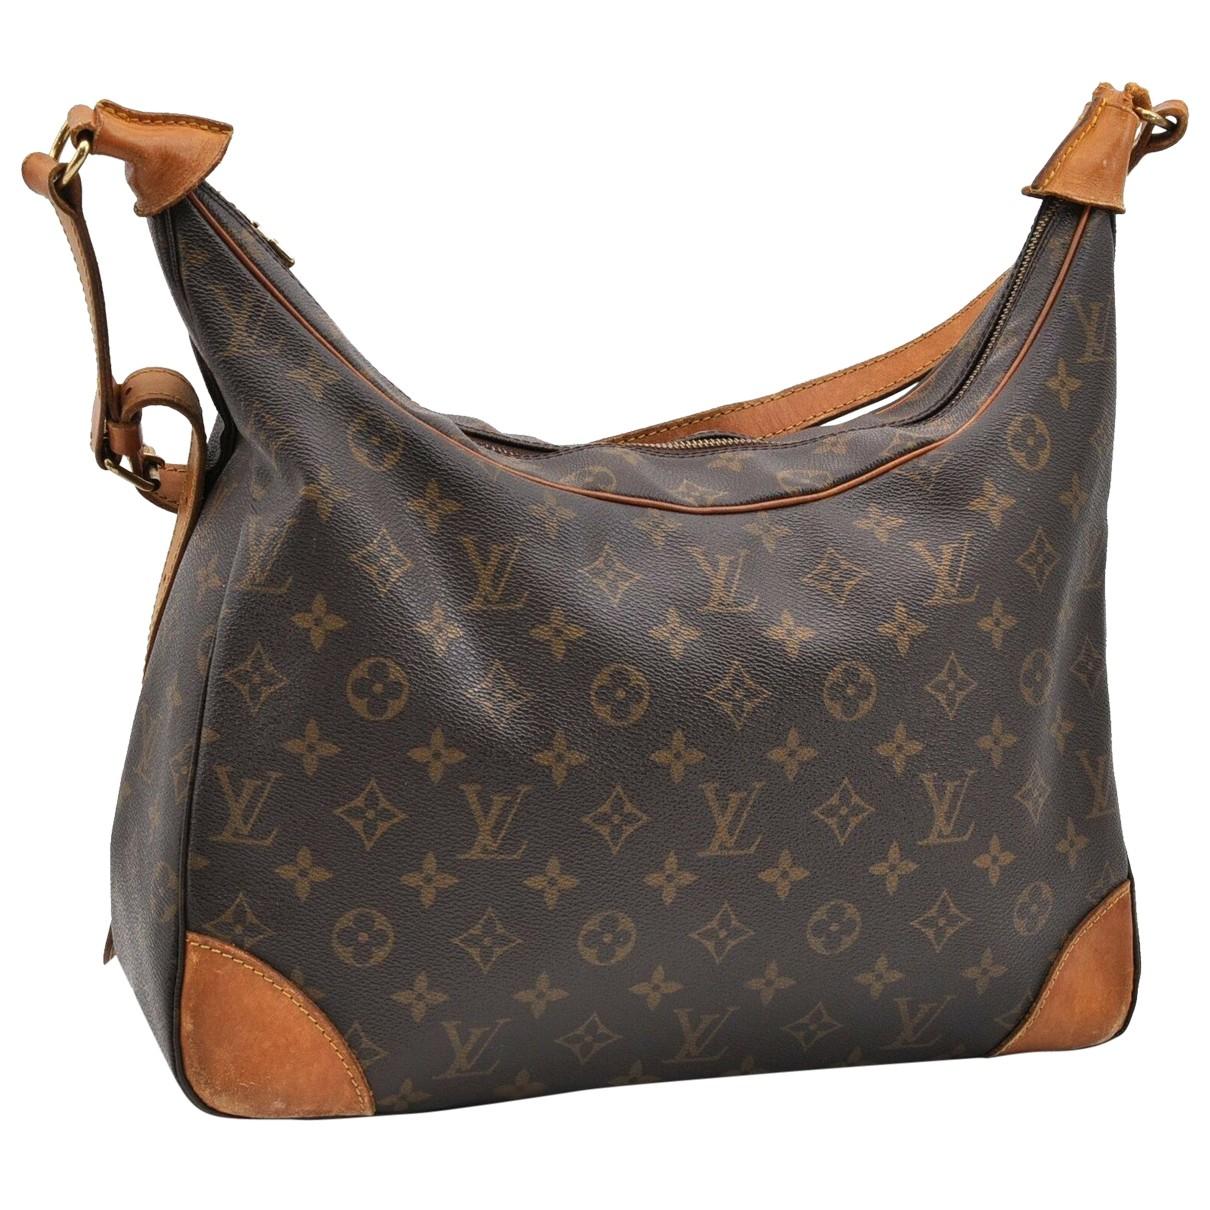 Bolso Boulogne de Lona Louis Vuitton